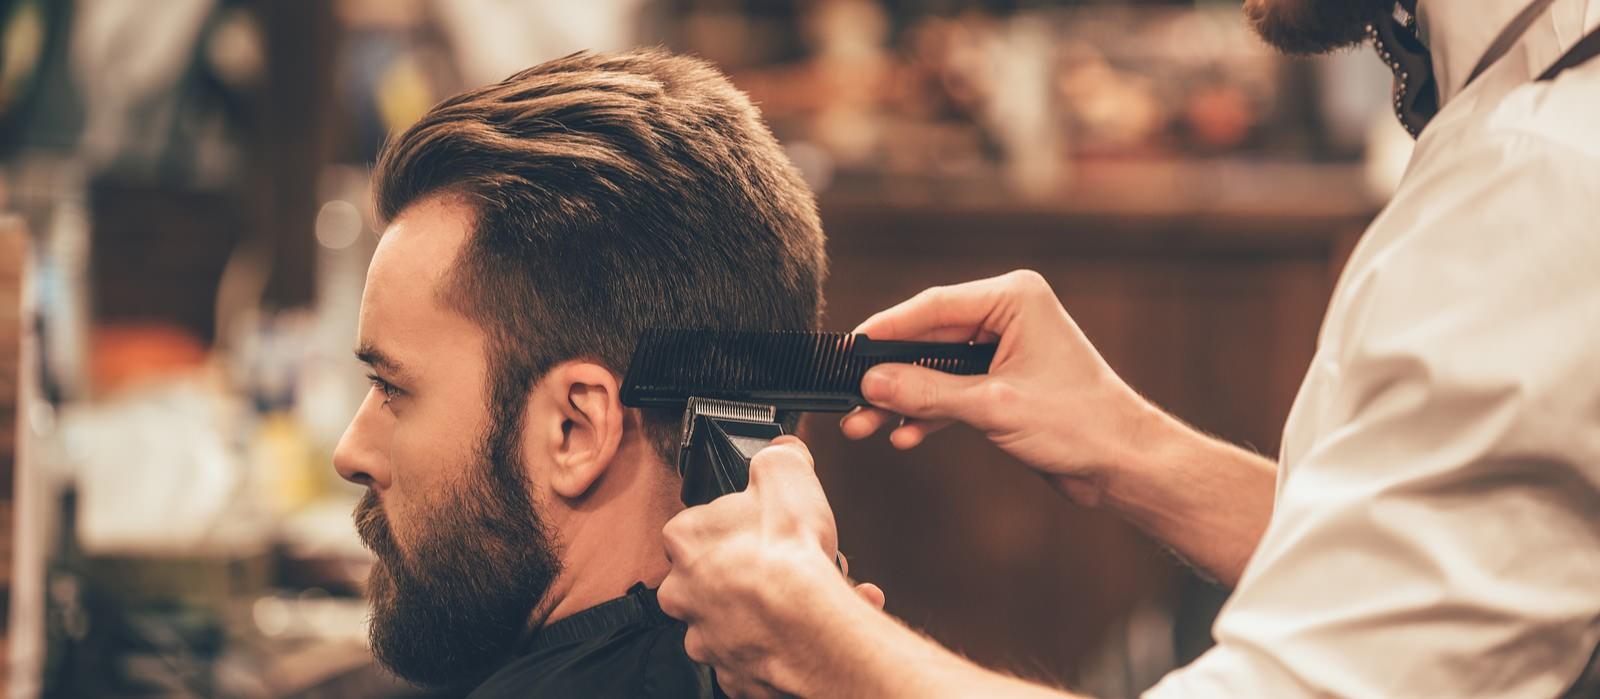 N'oubliez pas que tout ceci est bénéfique, car il contribue à maintenir des cheveux sains et faciles à coiffer.